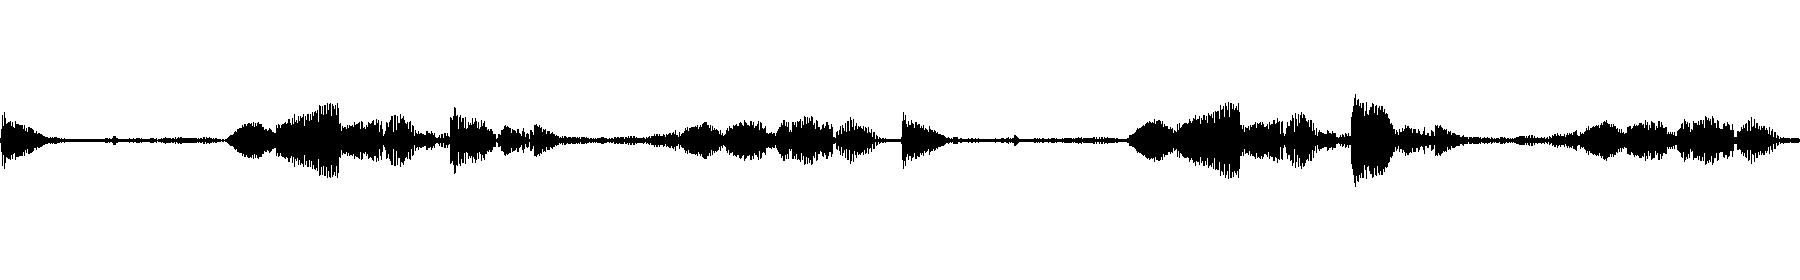 19 synth loop c